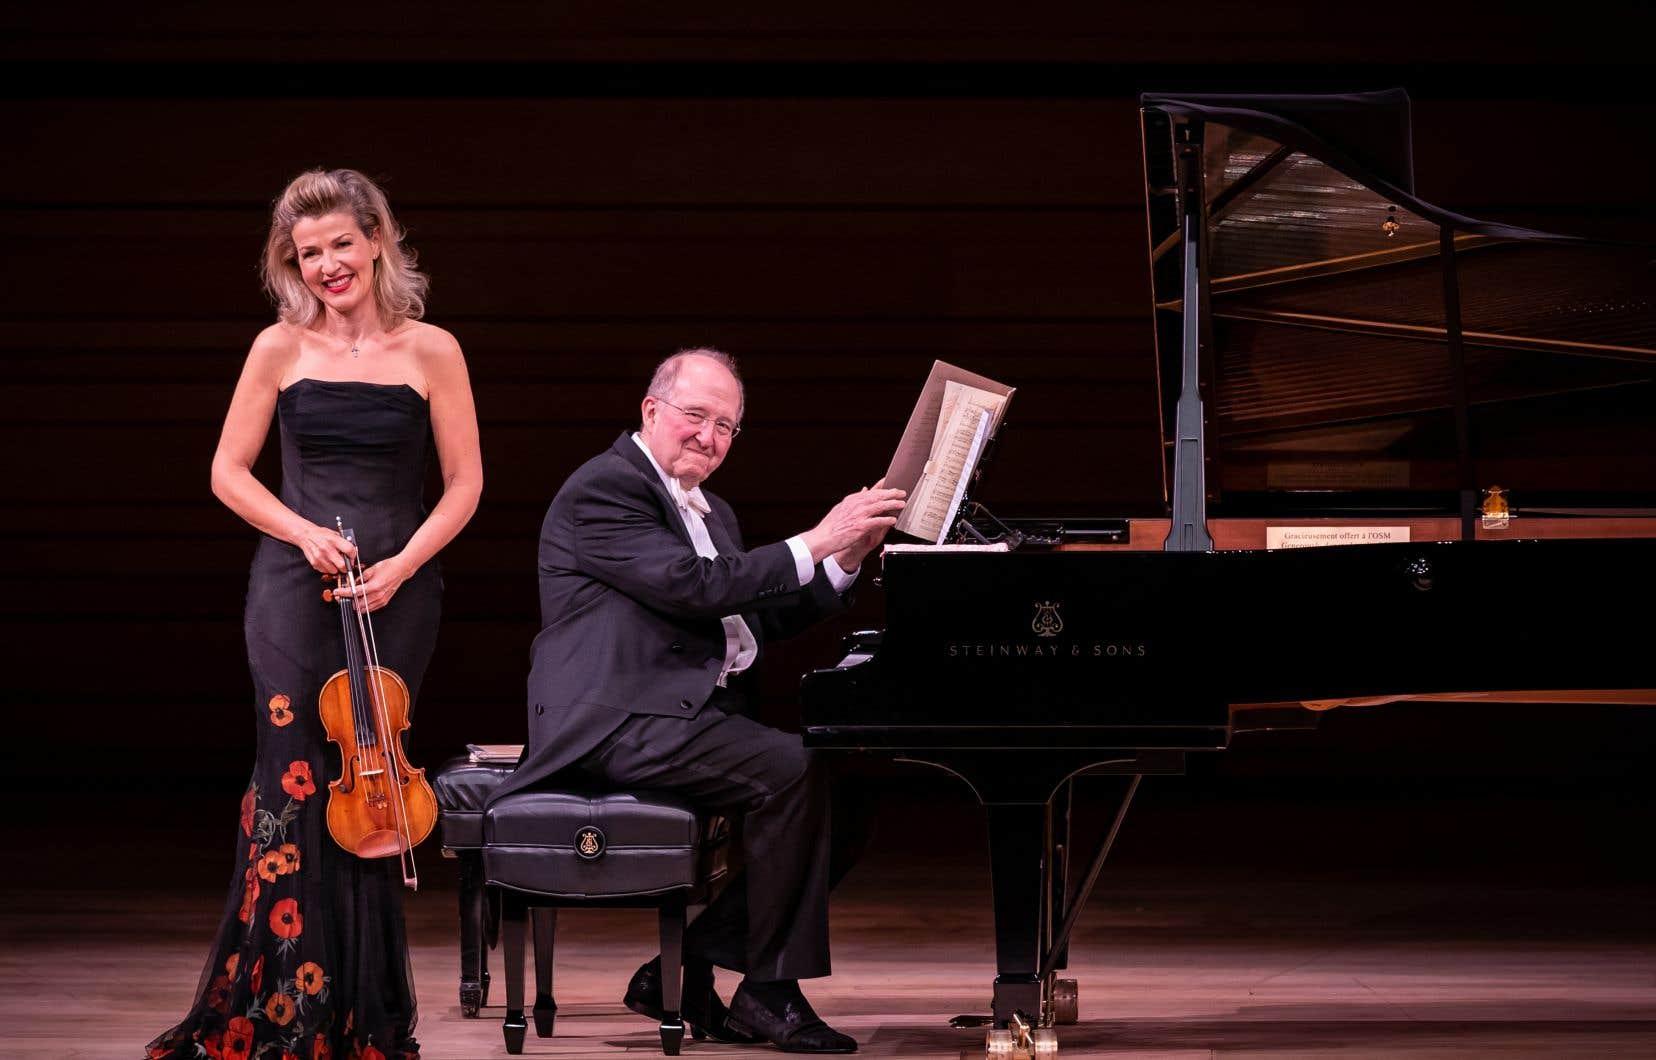 La violoniste Anne-Sophie Mutter, aux côtés du pianiste Lambert Orkis